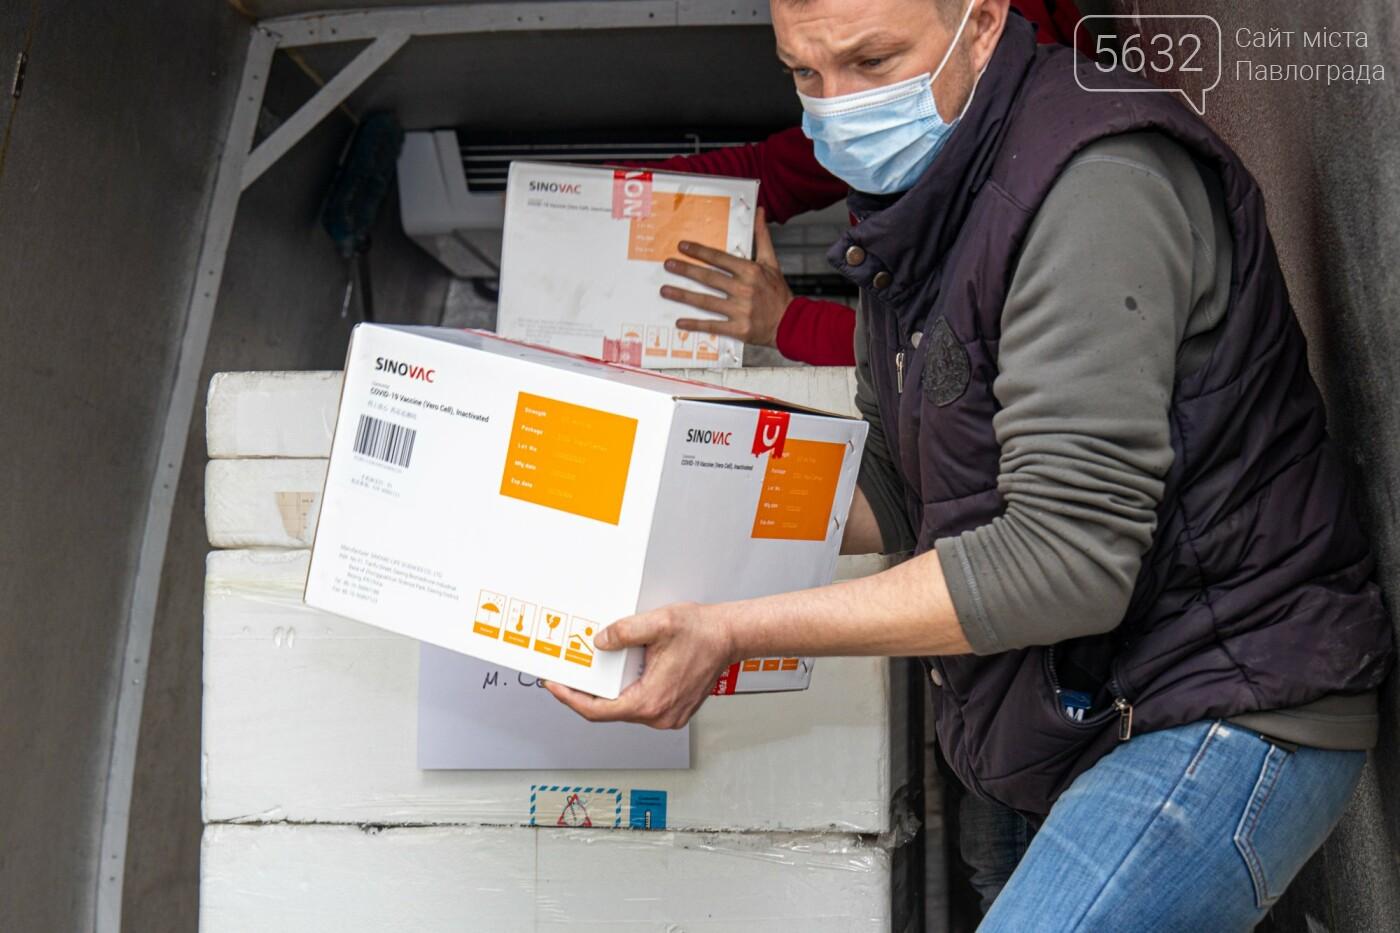 Днепропетровщина получила более 11,5 тыс. доз китайской вакцины от коронавируса, фото-1